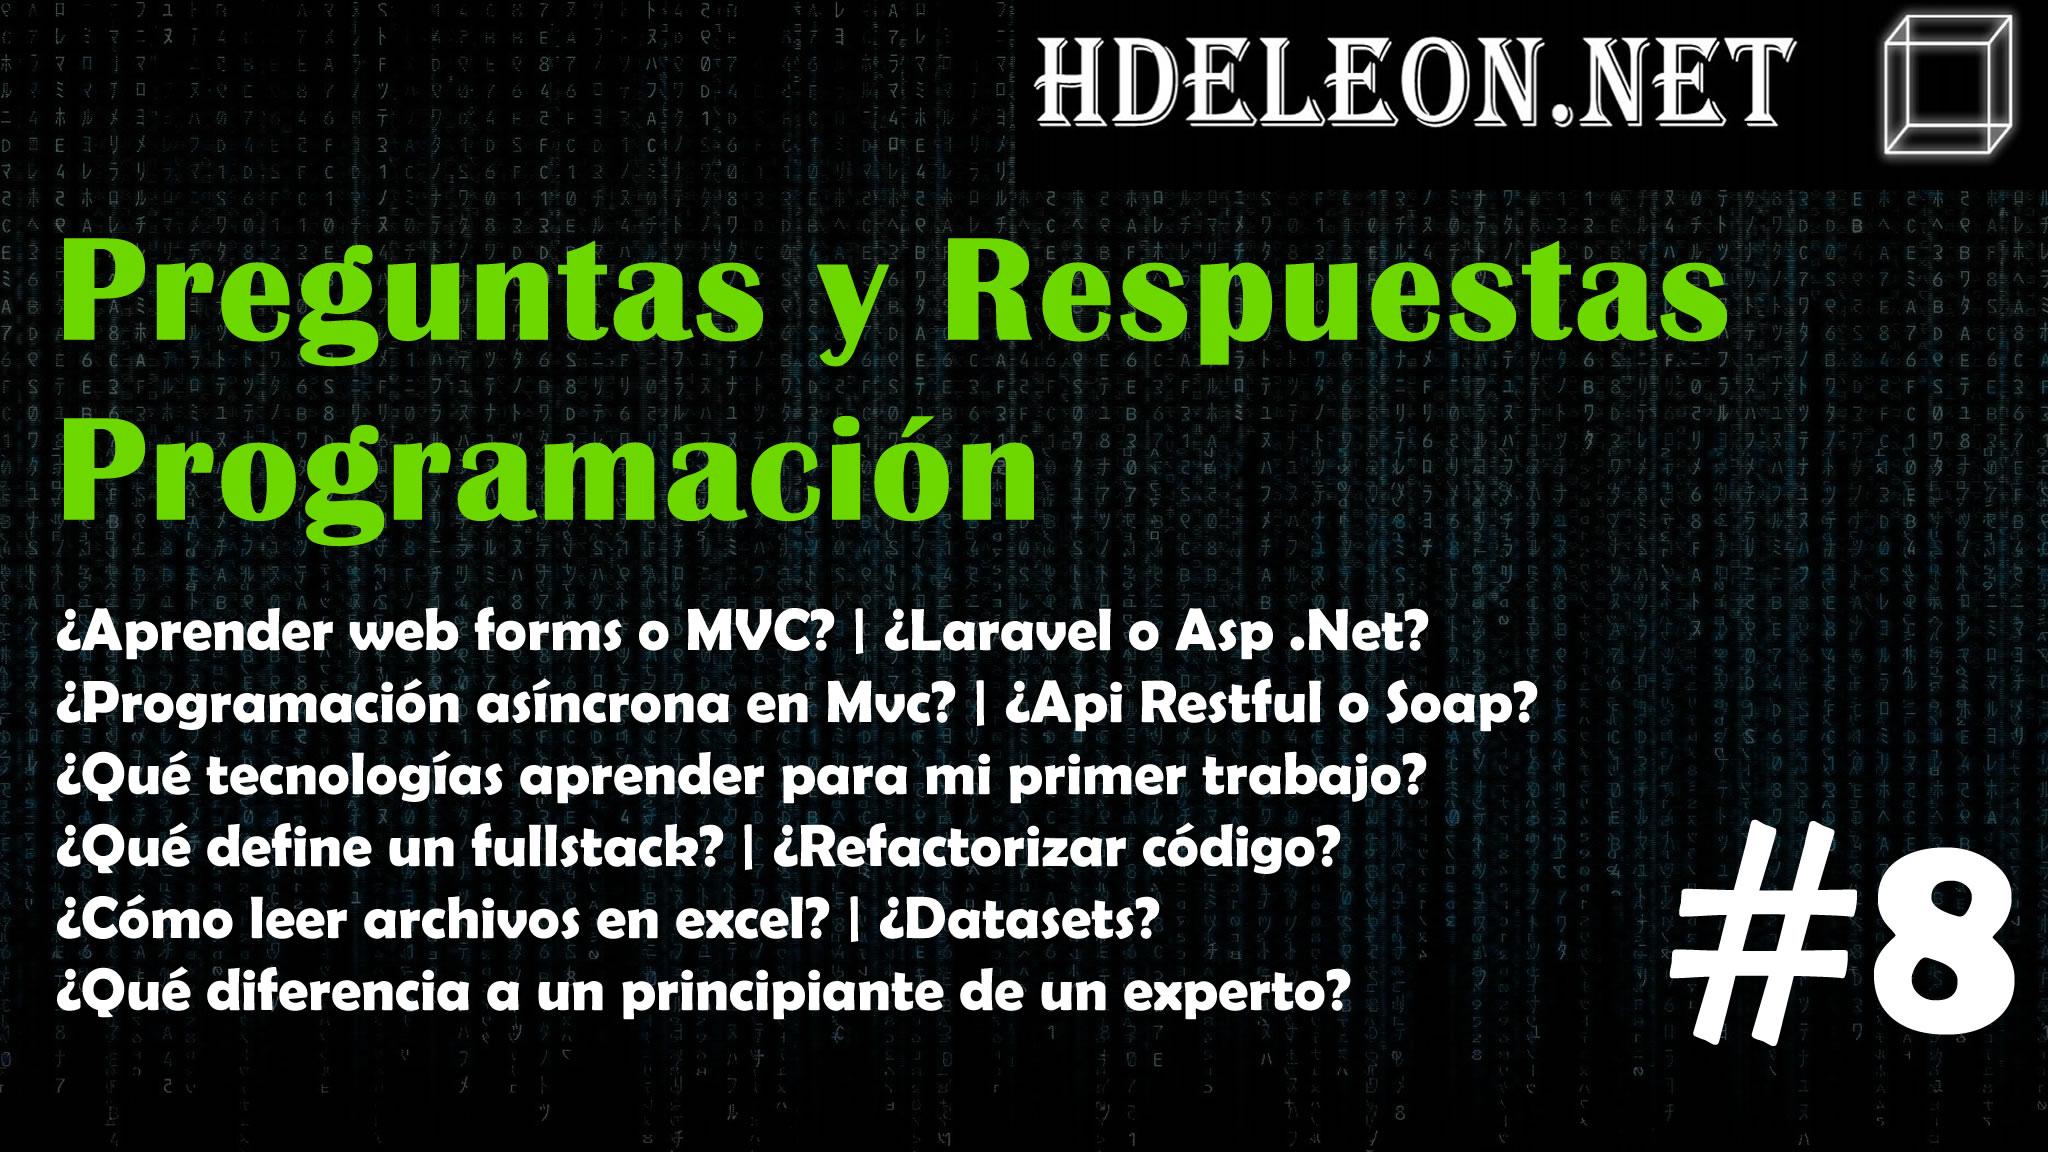 Preguntas y respuestas de programación #8, ¿Aprender web forms o MVC?